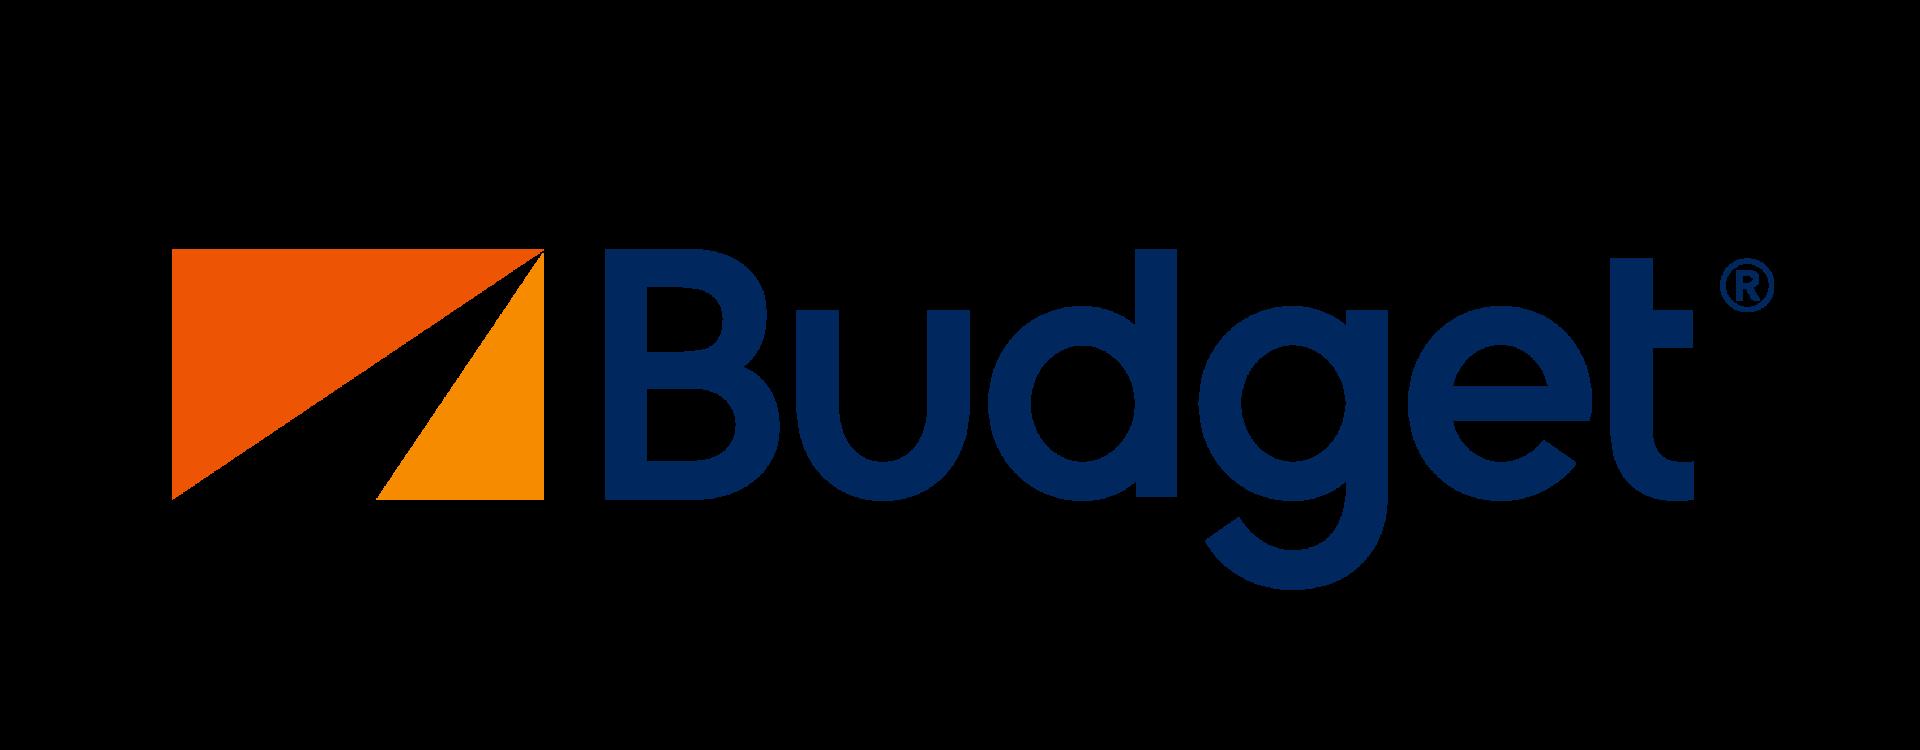 Budget_Rent_A_Car.png